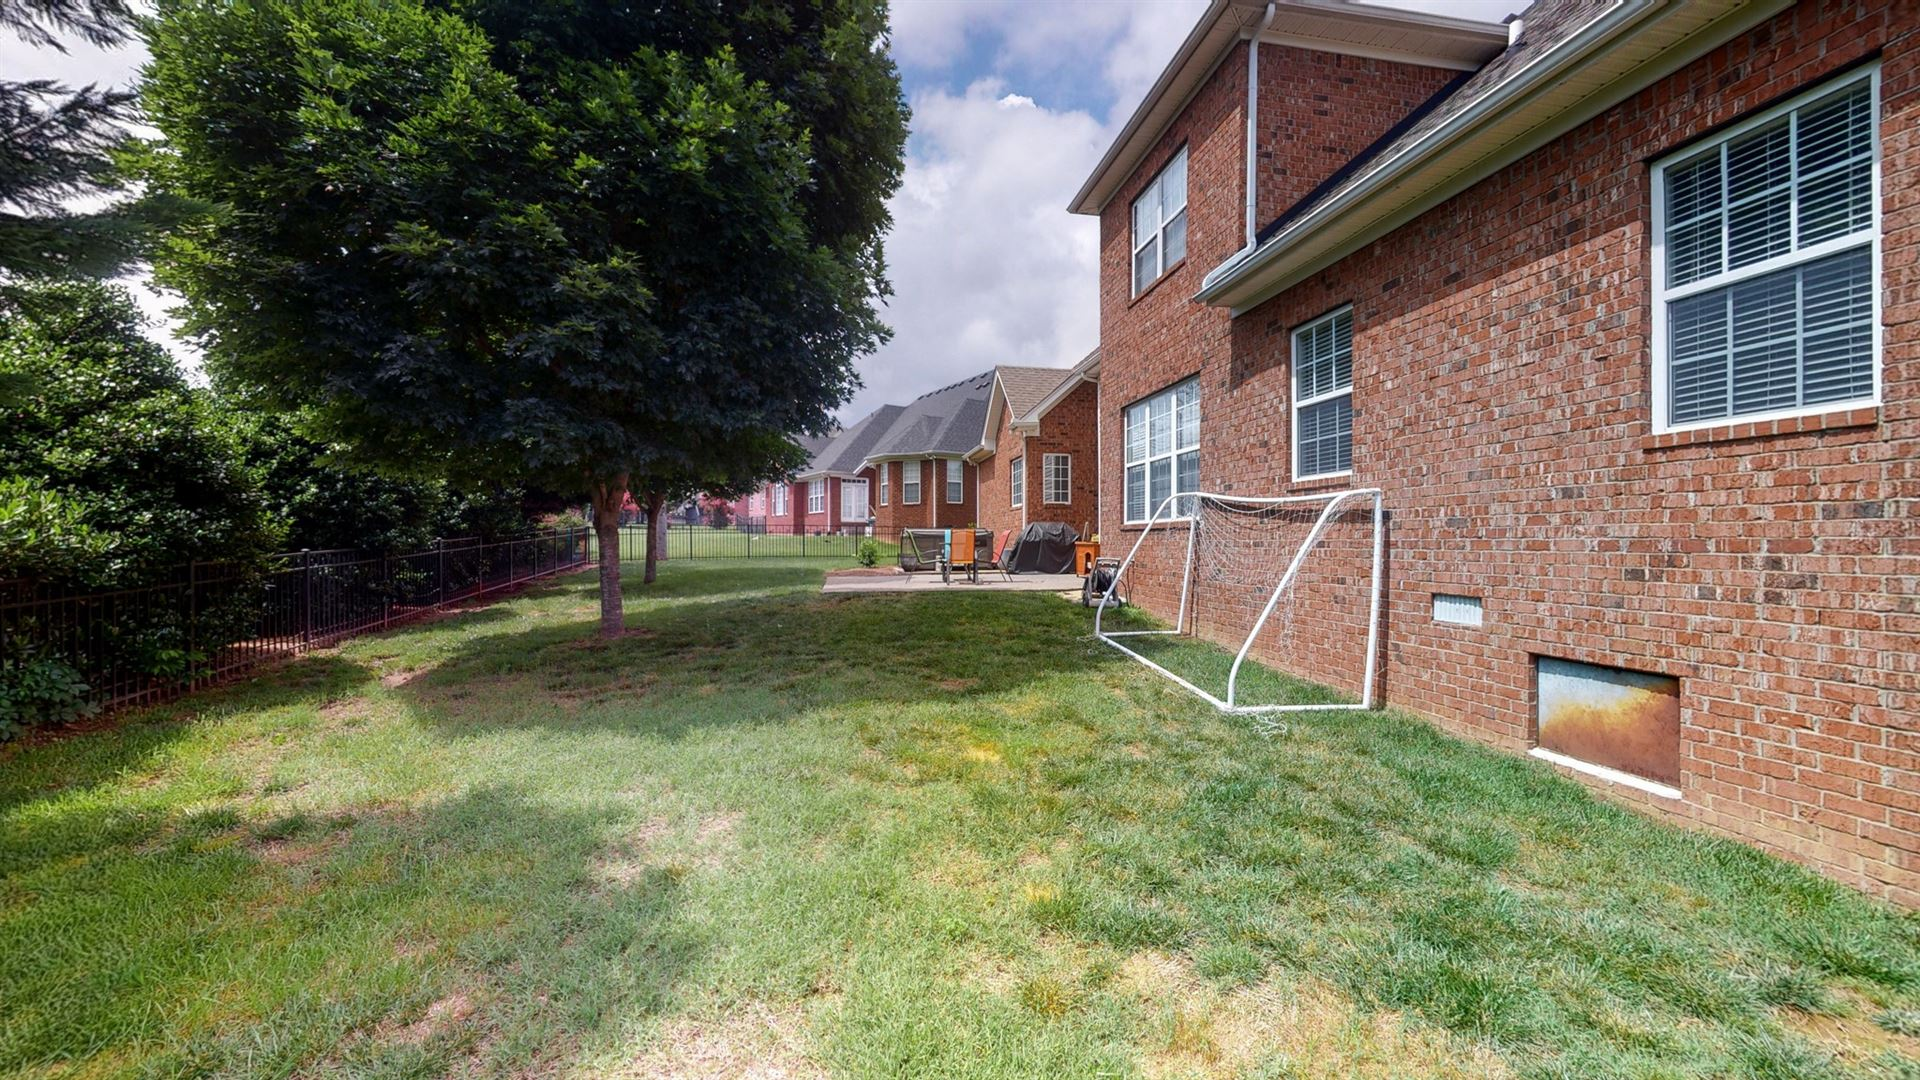 Photo of 2012 Gweneth Dr, Spring Hill, TN 37174 (MLS # 2261872)